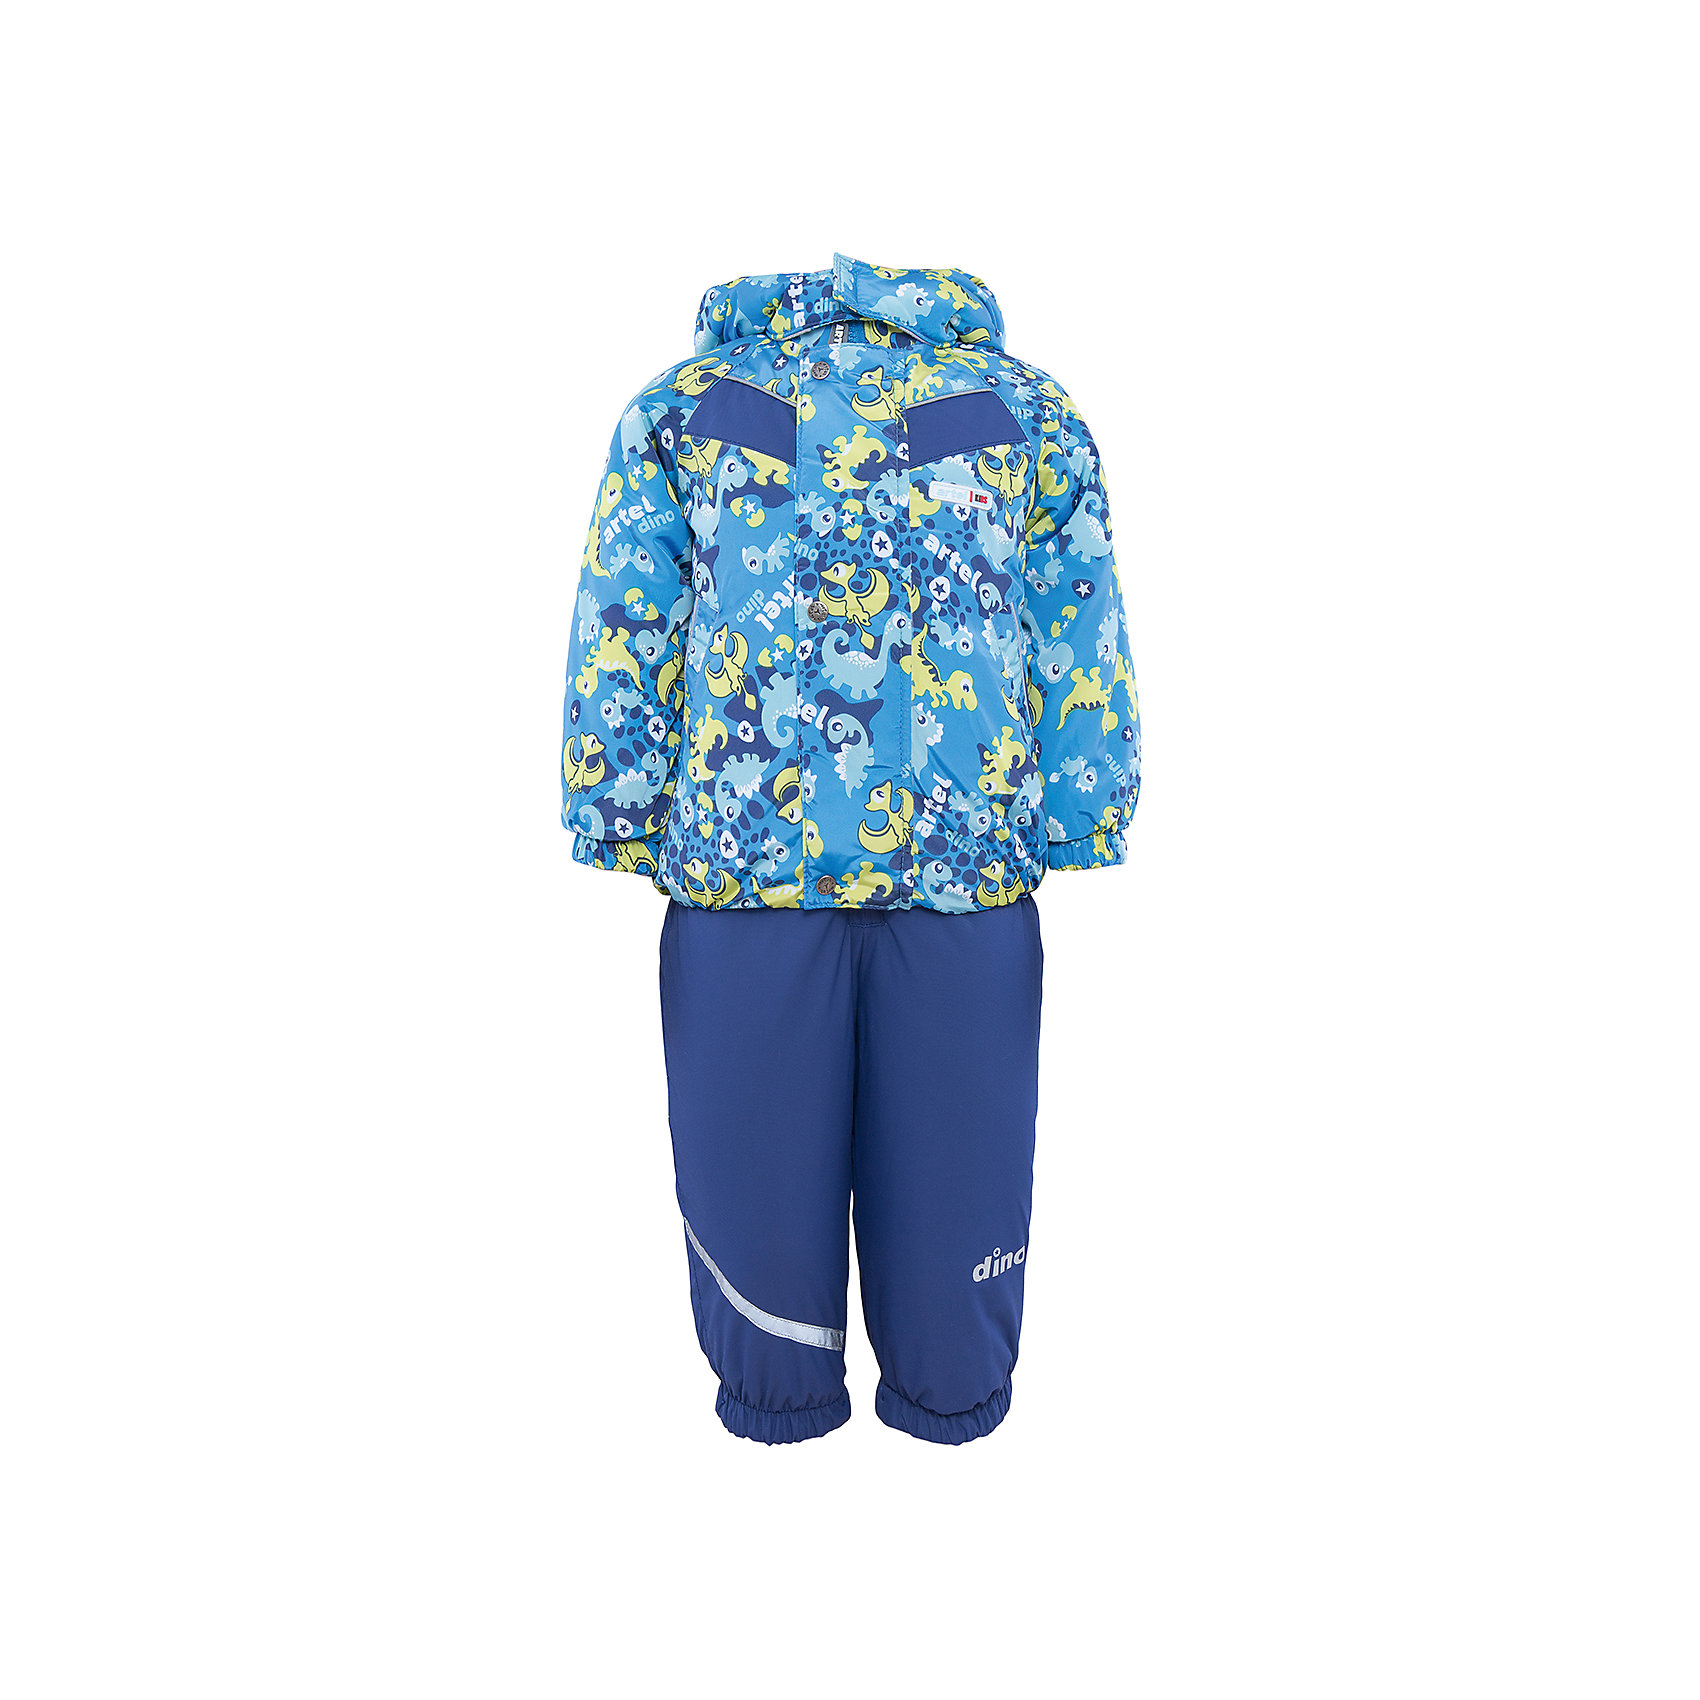 Комплект: куртка и полукомбинезон для мальчика АртельКомплект: куртка и полукомбинезон для мальчика от известного бренда Артель<br>Комплект на современном утеплителеиз мембранной ткани, позволит малышу долго гулять даже в самую слякотную погоду, кататься с мокрых горок и не промокнуть. Куртка выполнена из ткани с оригинальным принтом динозавриков. Центральный замок на молнию прикрыт декоративной планкой-рюшей. Функцию дополнительной защиты от ветра выполняют: глубокий капюшон с резинкой по краю, кулиска с резинкой по низу куртки и резинка с флисовой внутренней вставкой на рукавах. У полукомбинезона регулируется длина бретелек. По низу штанишек расположены штрипки, которые фиксируются на сапожках, удерживают штанину от задирания и обеспечивают дополнительную защиту от скольжения. Сзади, по линии талии, для дополнительной фиксации, расположена резинка.<br>Состав:<br>Верх: КВ-703<br>Подкладка: интерлок, ПЭ<br>Утеплитель: термофин 200гр<br><br>Ширина мм: 215<br>Глубина мм: 88<br>Высота мм: 191<br>Вес г: 336<br>Цвет: синий<br>Возраст от месяцев: 48<br>Возраст до месяцев: 60<br>Пол: Мужской<br>Возраст: Детский<br>Размер: 110,80,86,104<br>SKU: 4963914